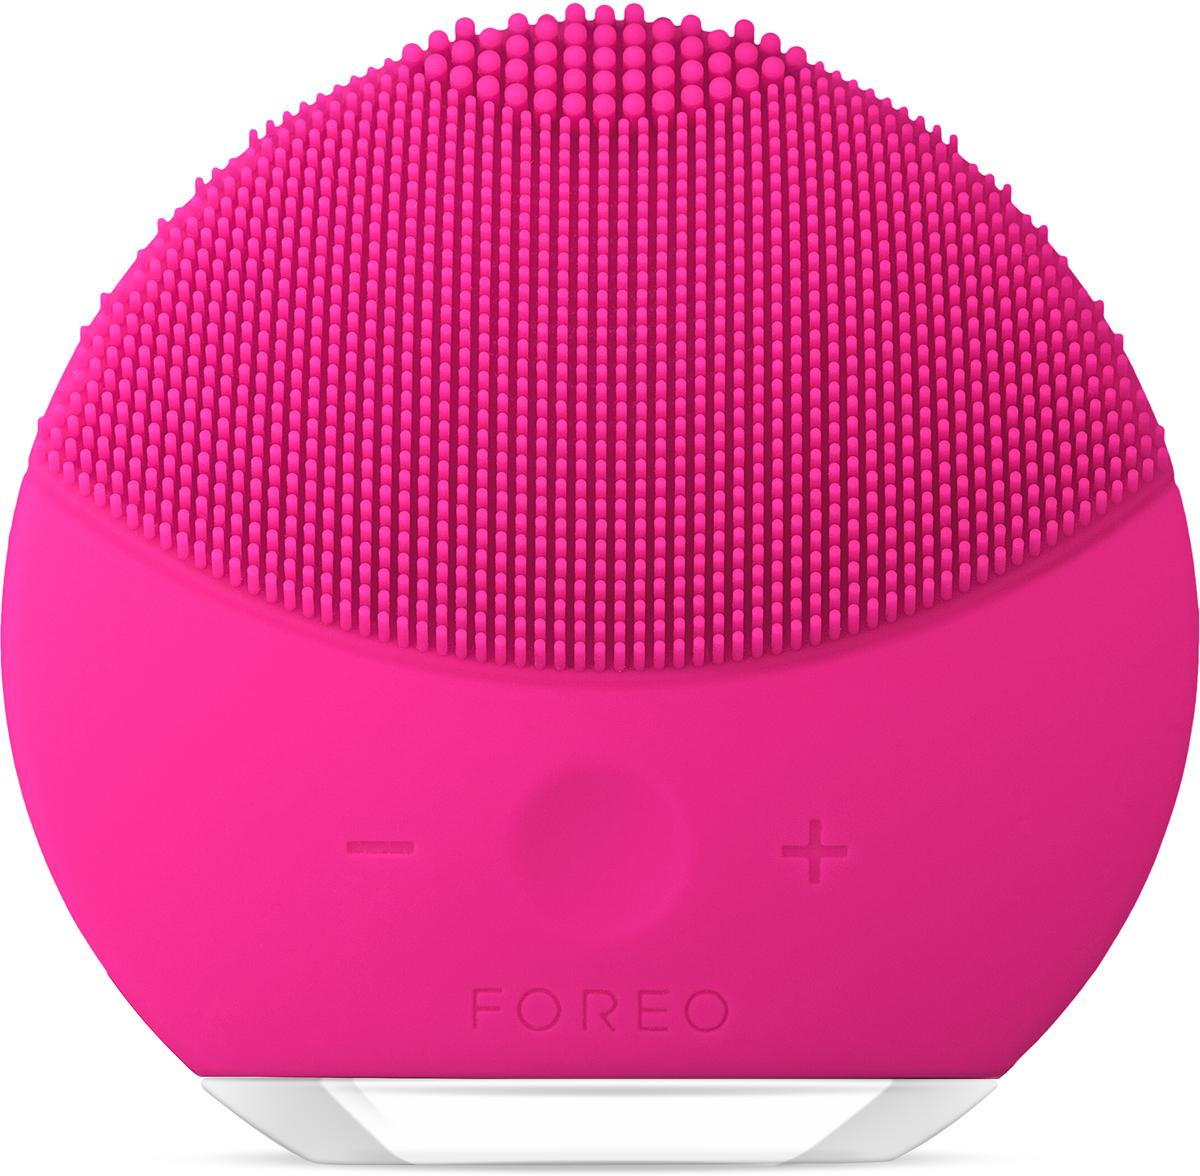 Foreo Щетка для очищения лица LUNA mini 2, цвет: Fuchsia (фуксия) - Косметологические аппараты